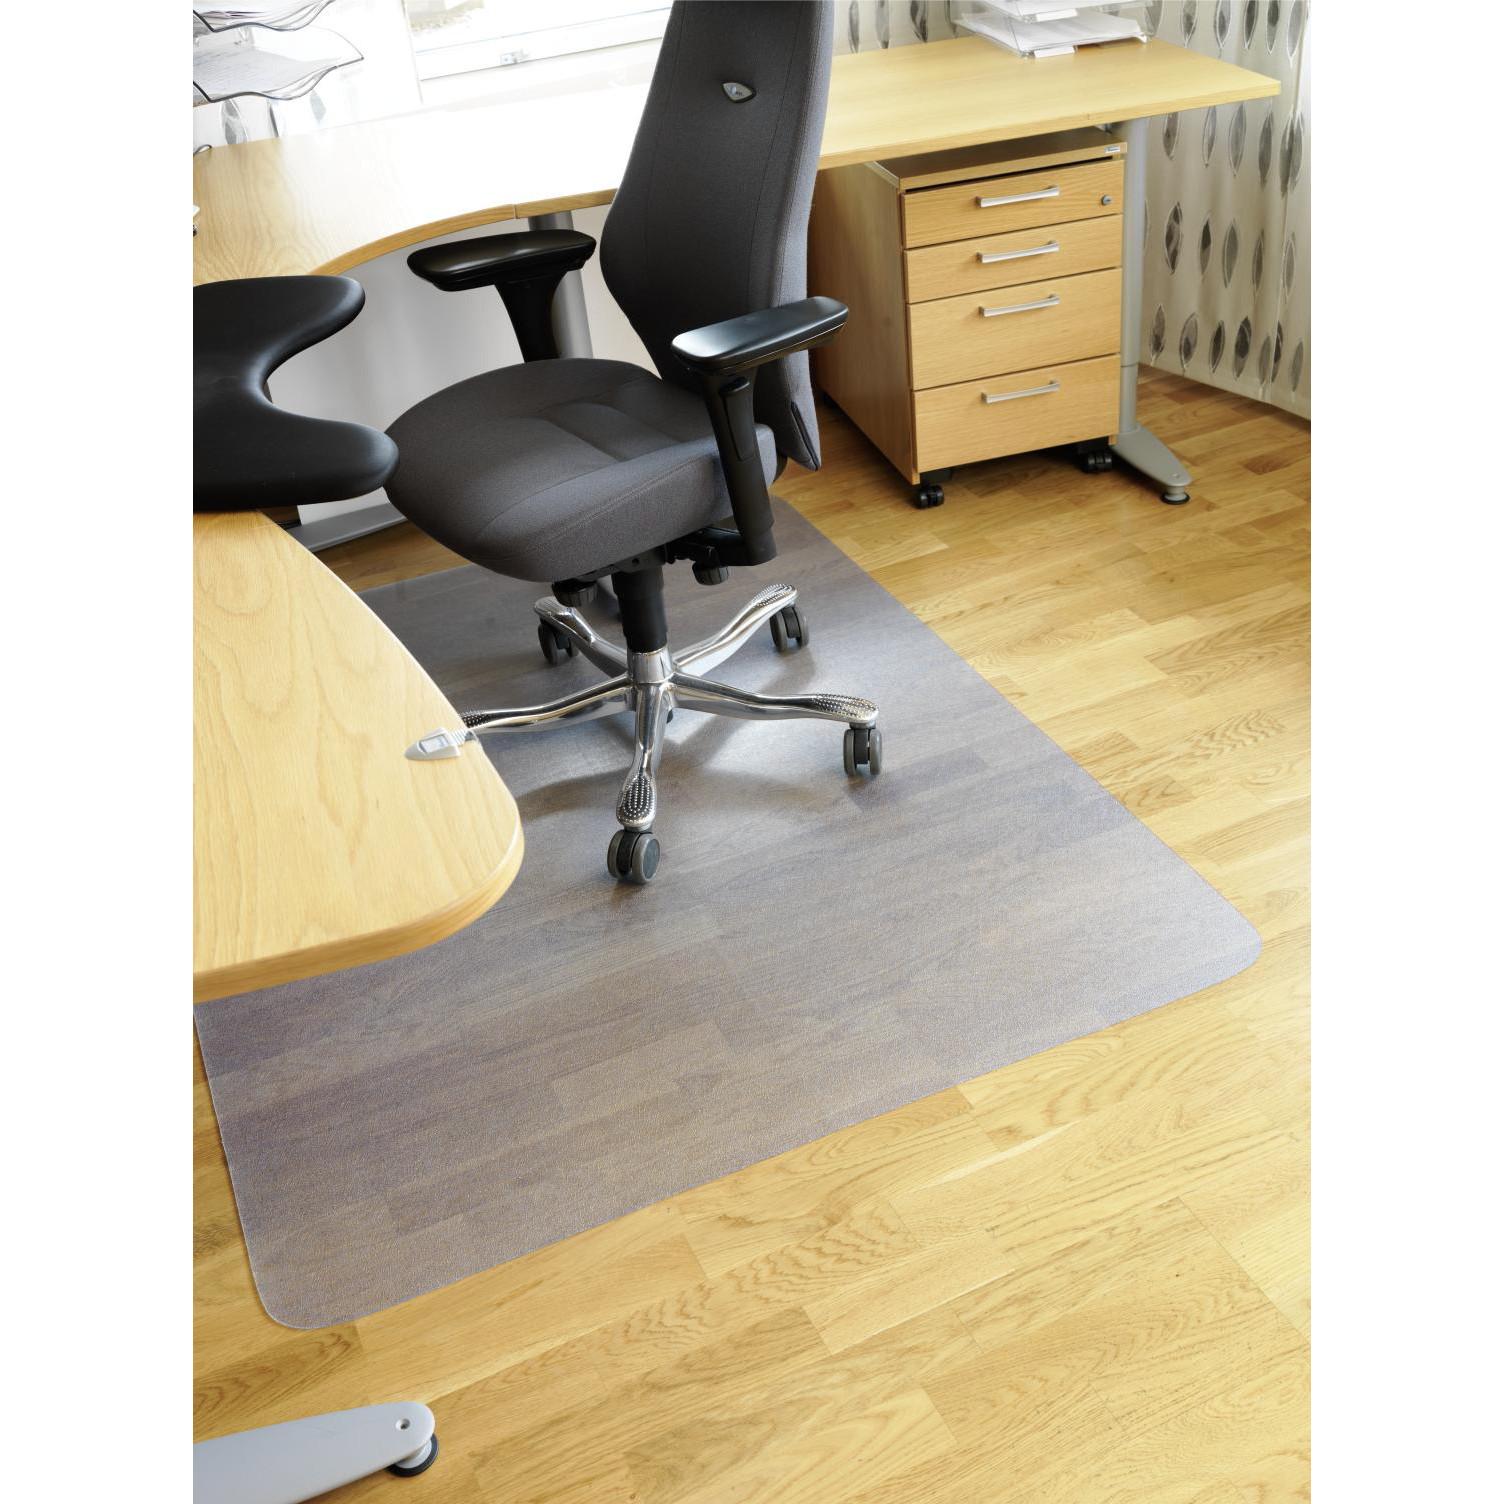 Underlag kontorstol 120 x 200 cm uden pigge - Standard